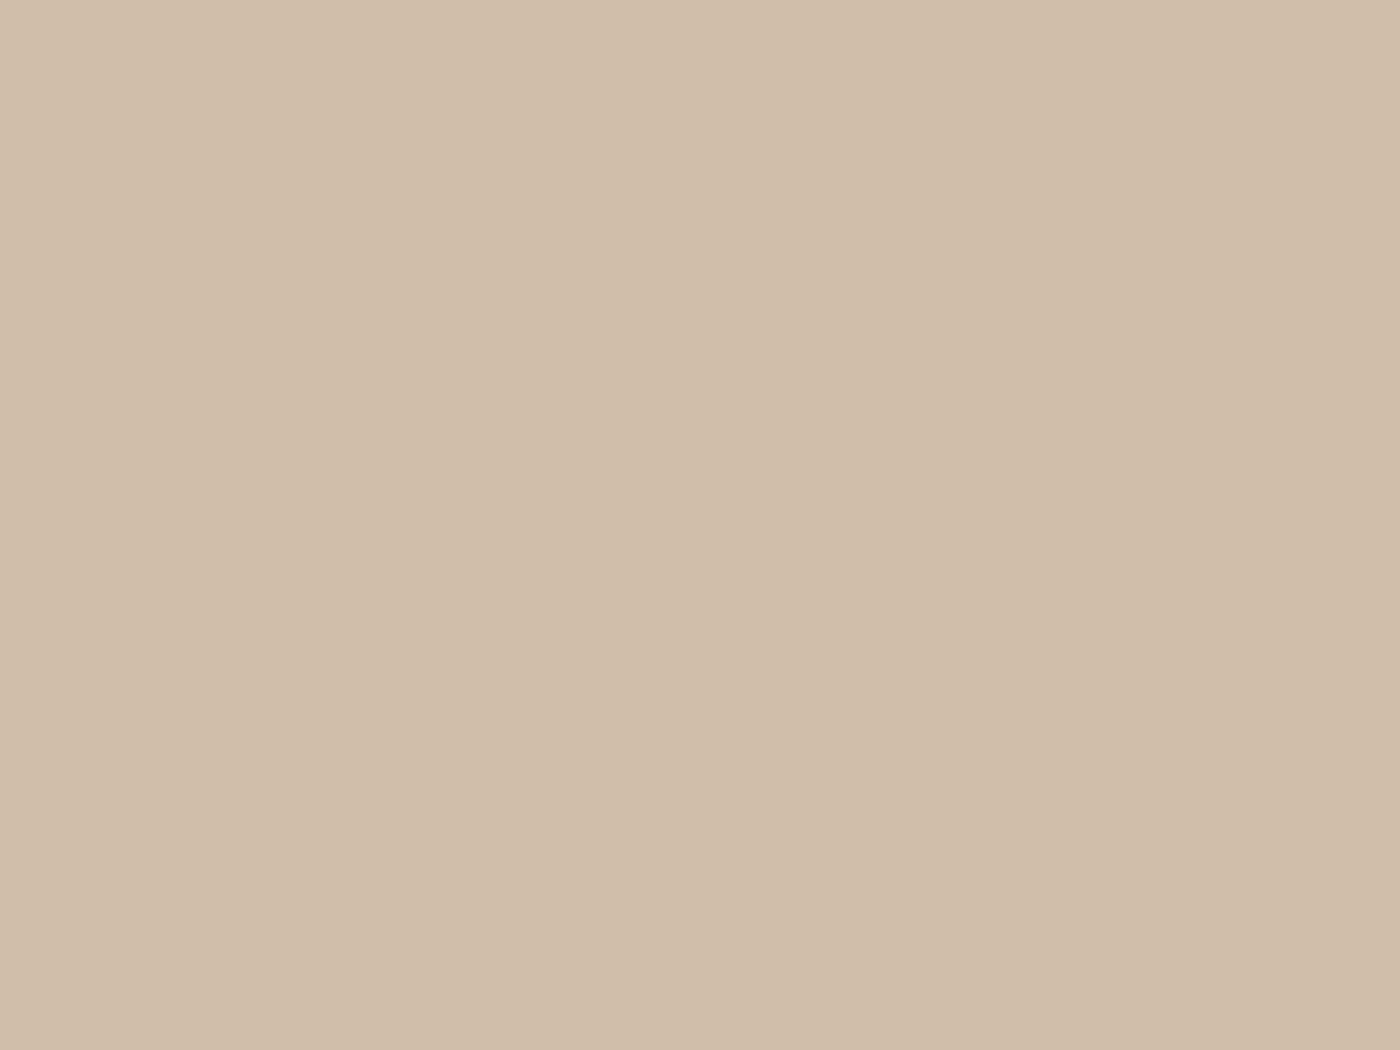 1400x1050 Dark Vanilla Solid Color Background